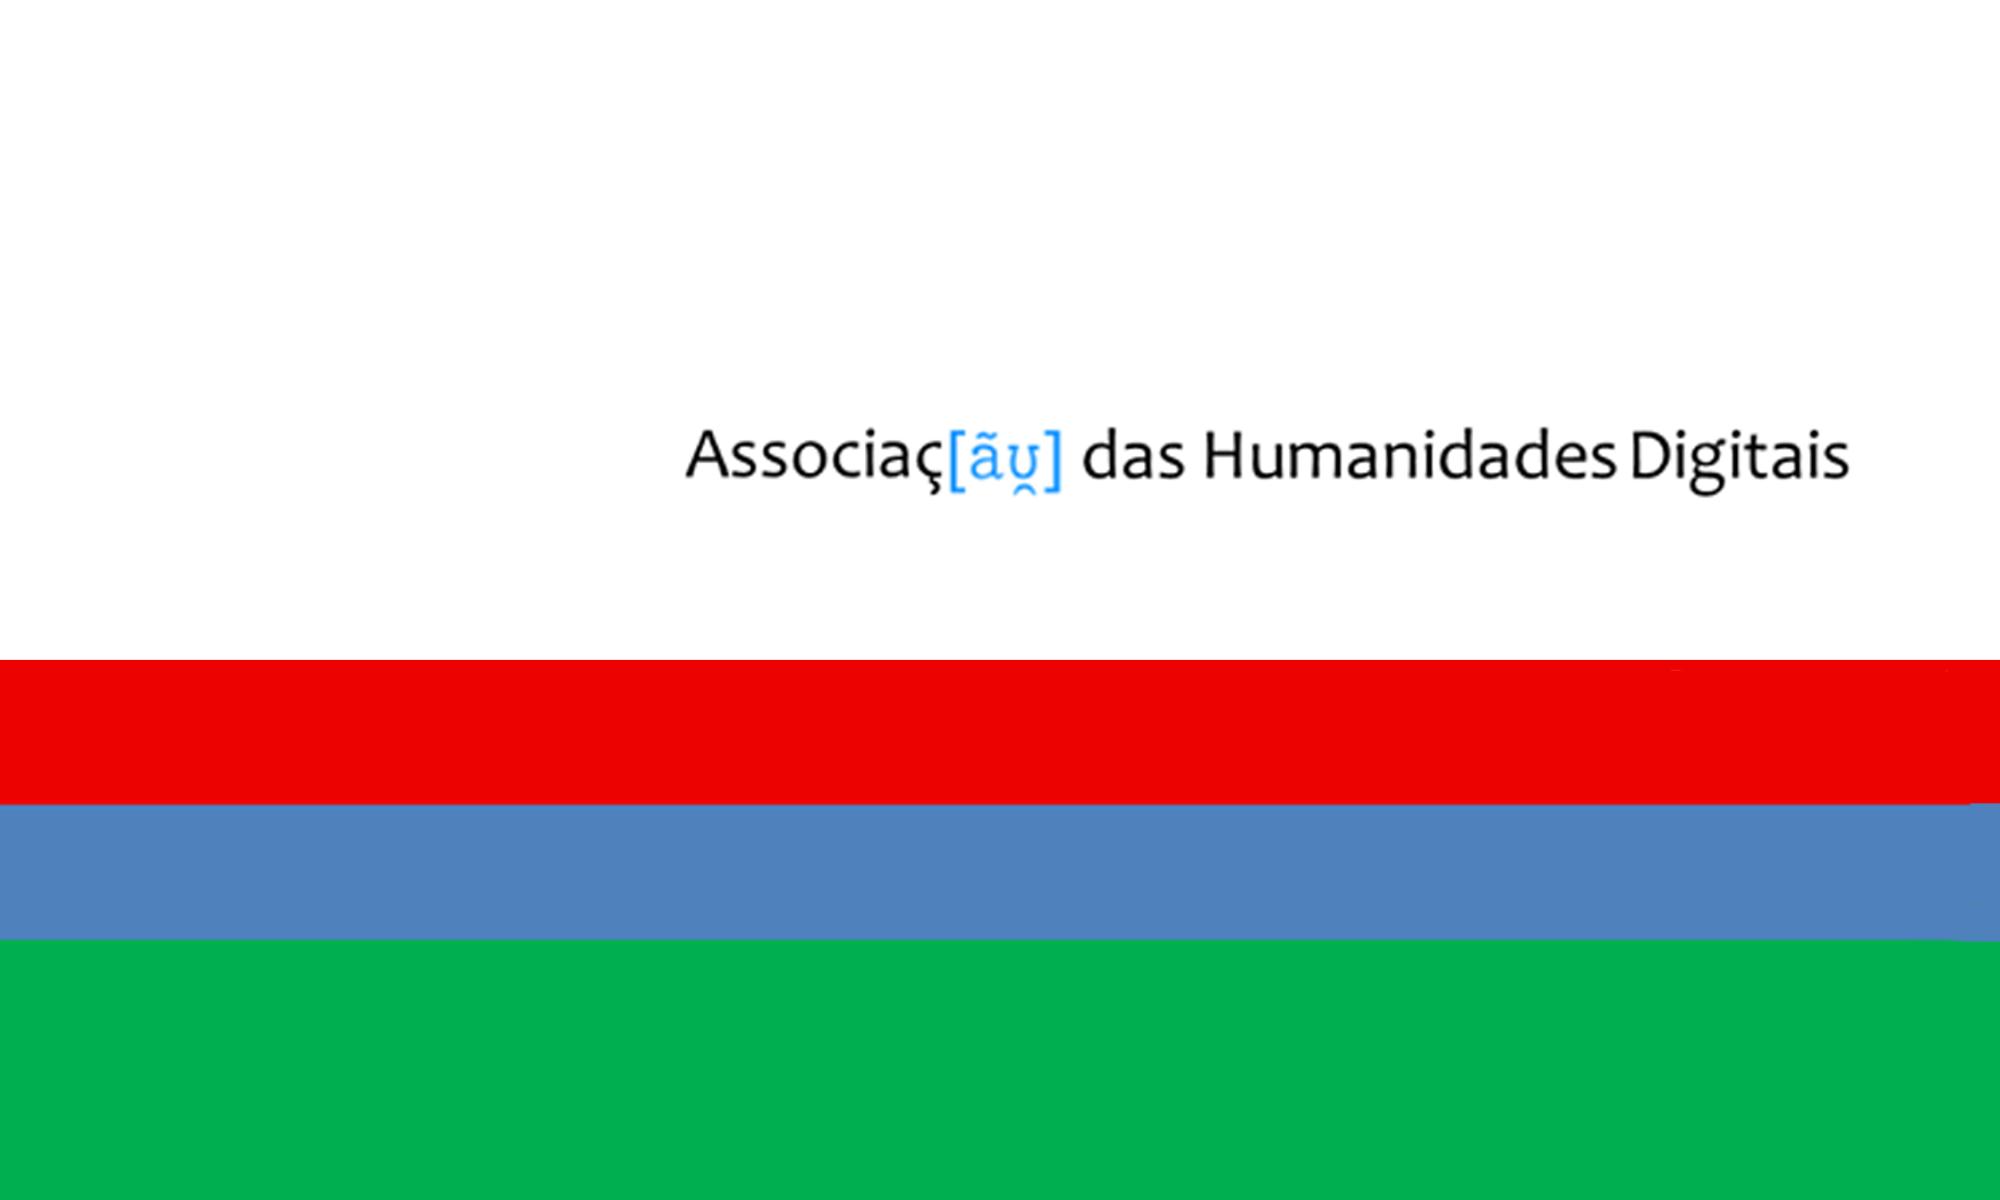 Associação das Humanidades Digitais